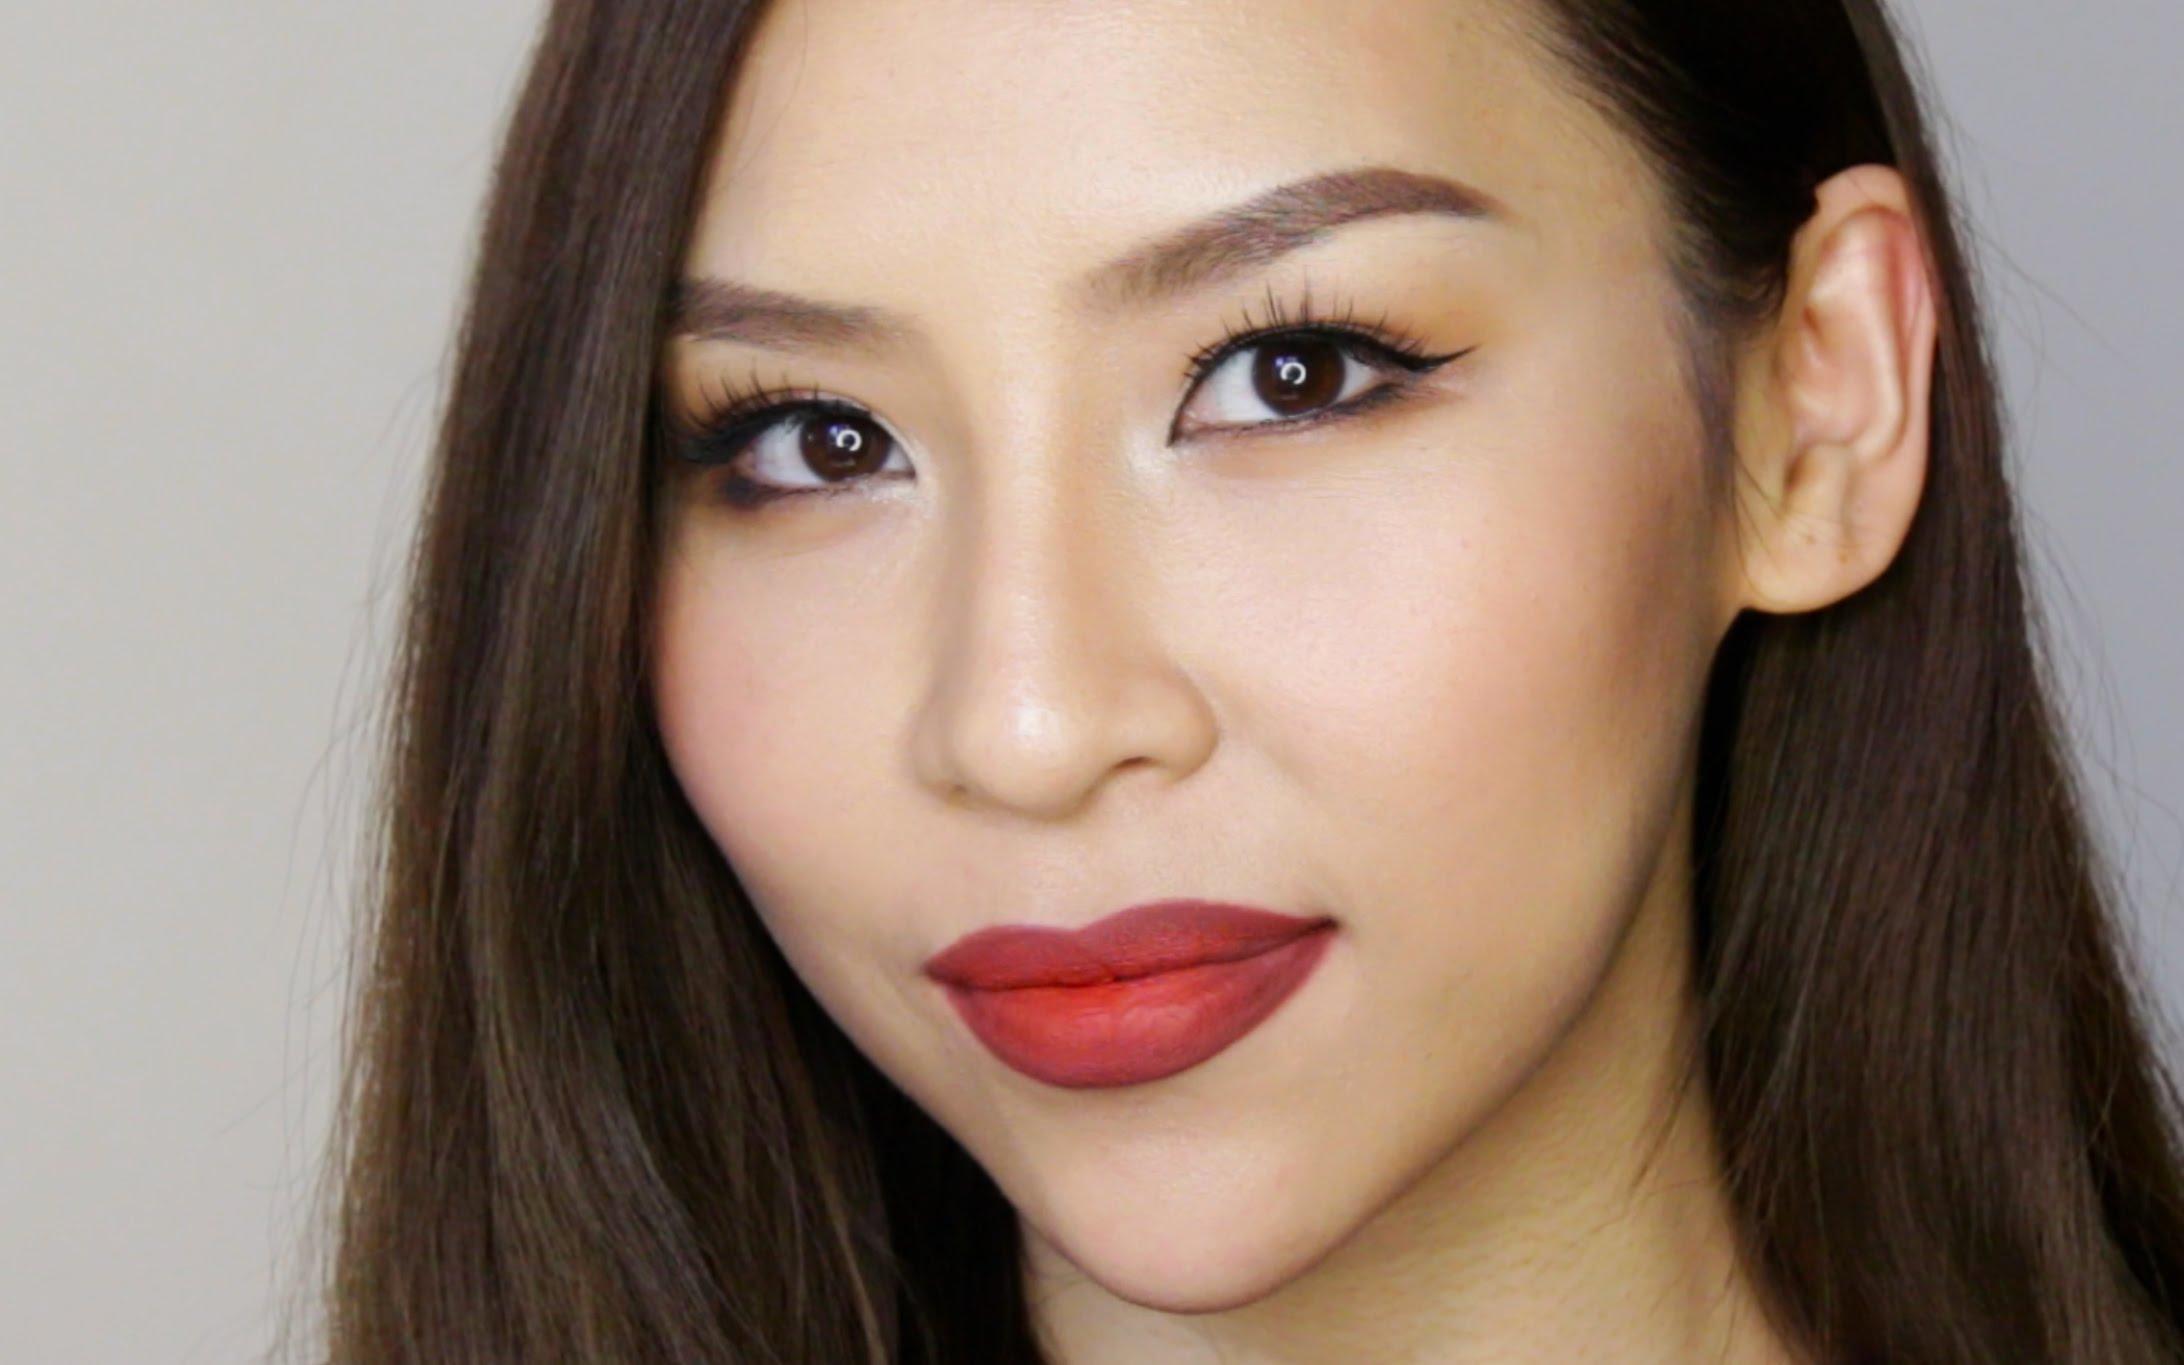 """Foto: Reprodução / <a href=""""https://www.youtube.com/watch?v=t3JP3qLidrE"""" target=""""_blank"""">Tina Yong</a>"""